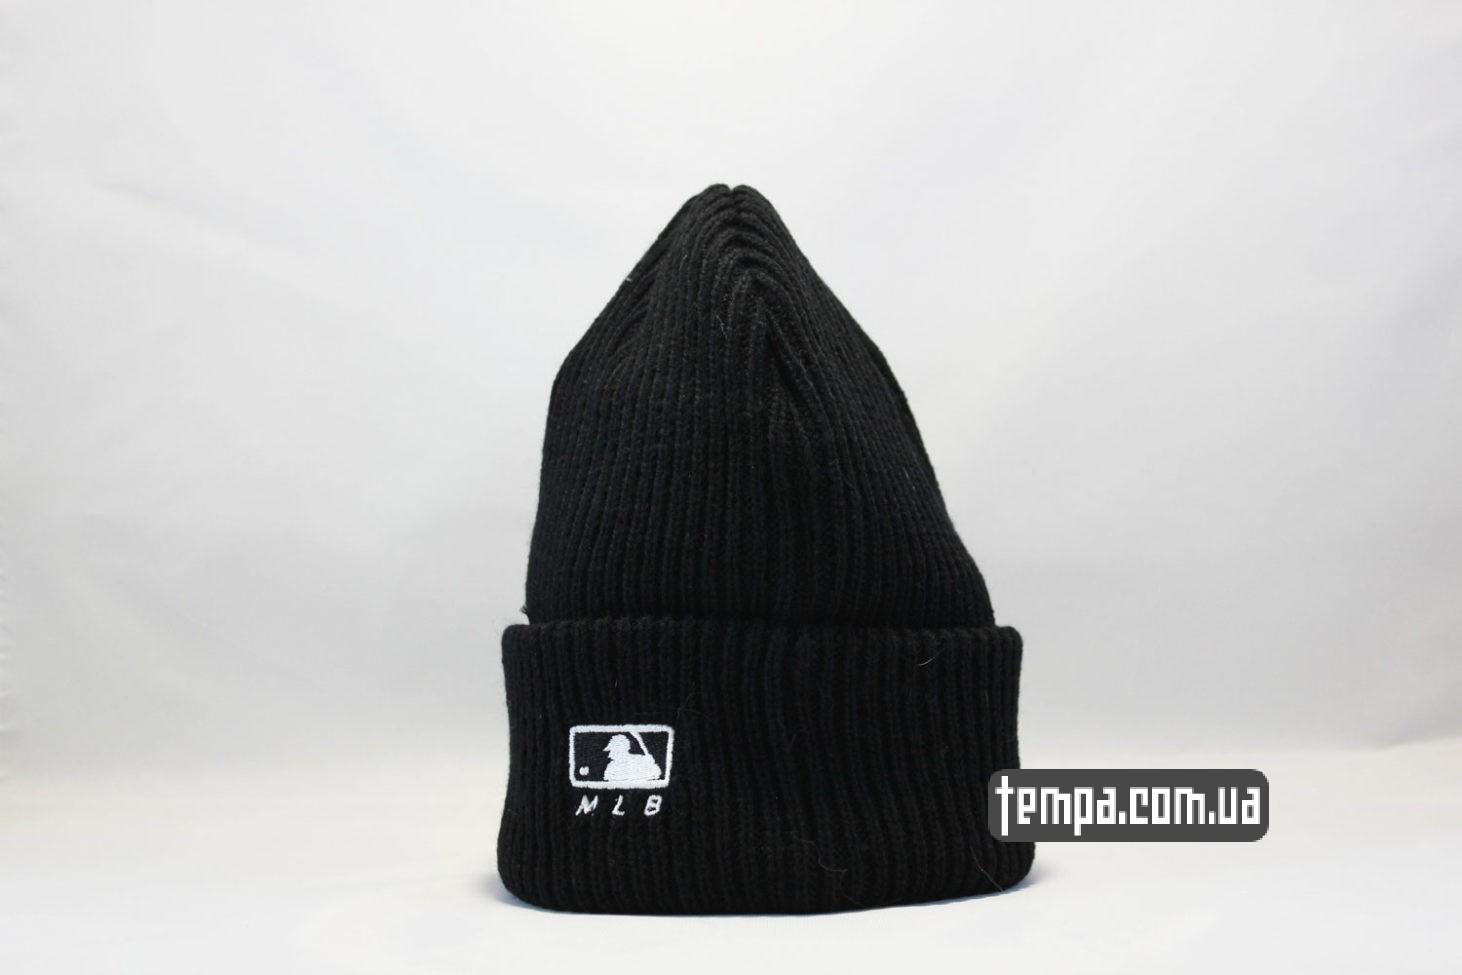 шерстяная мягкая шапка beanie LA Los Angeles New Era black черная